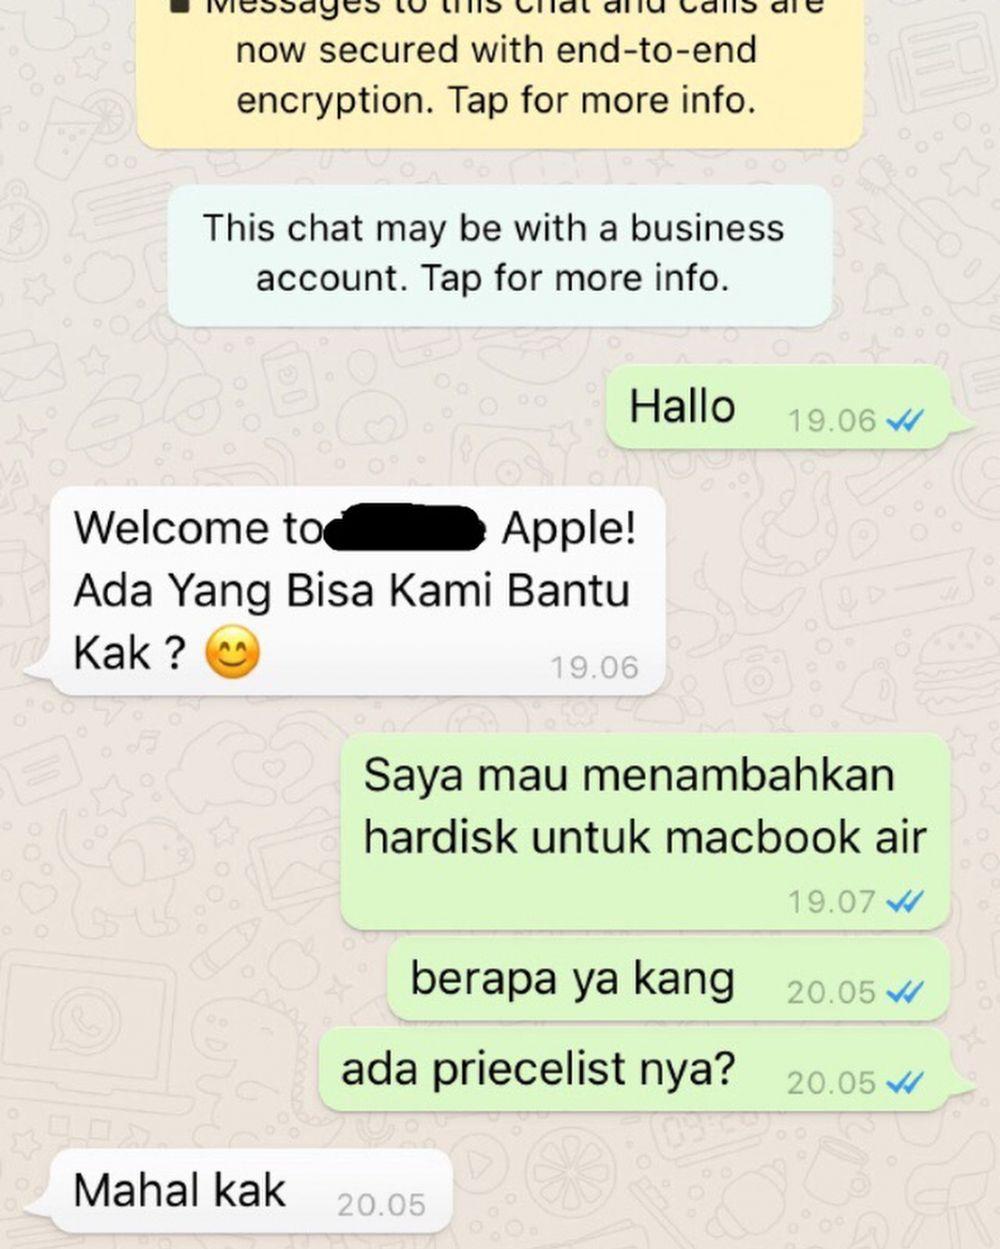 chat penjual olshop © 2018 berbagai sumber